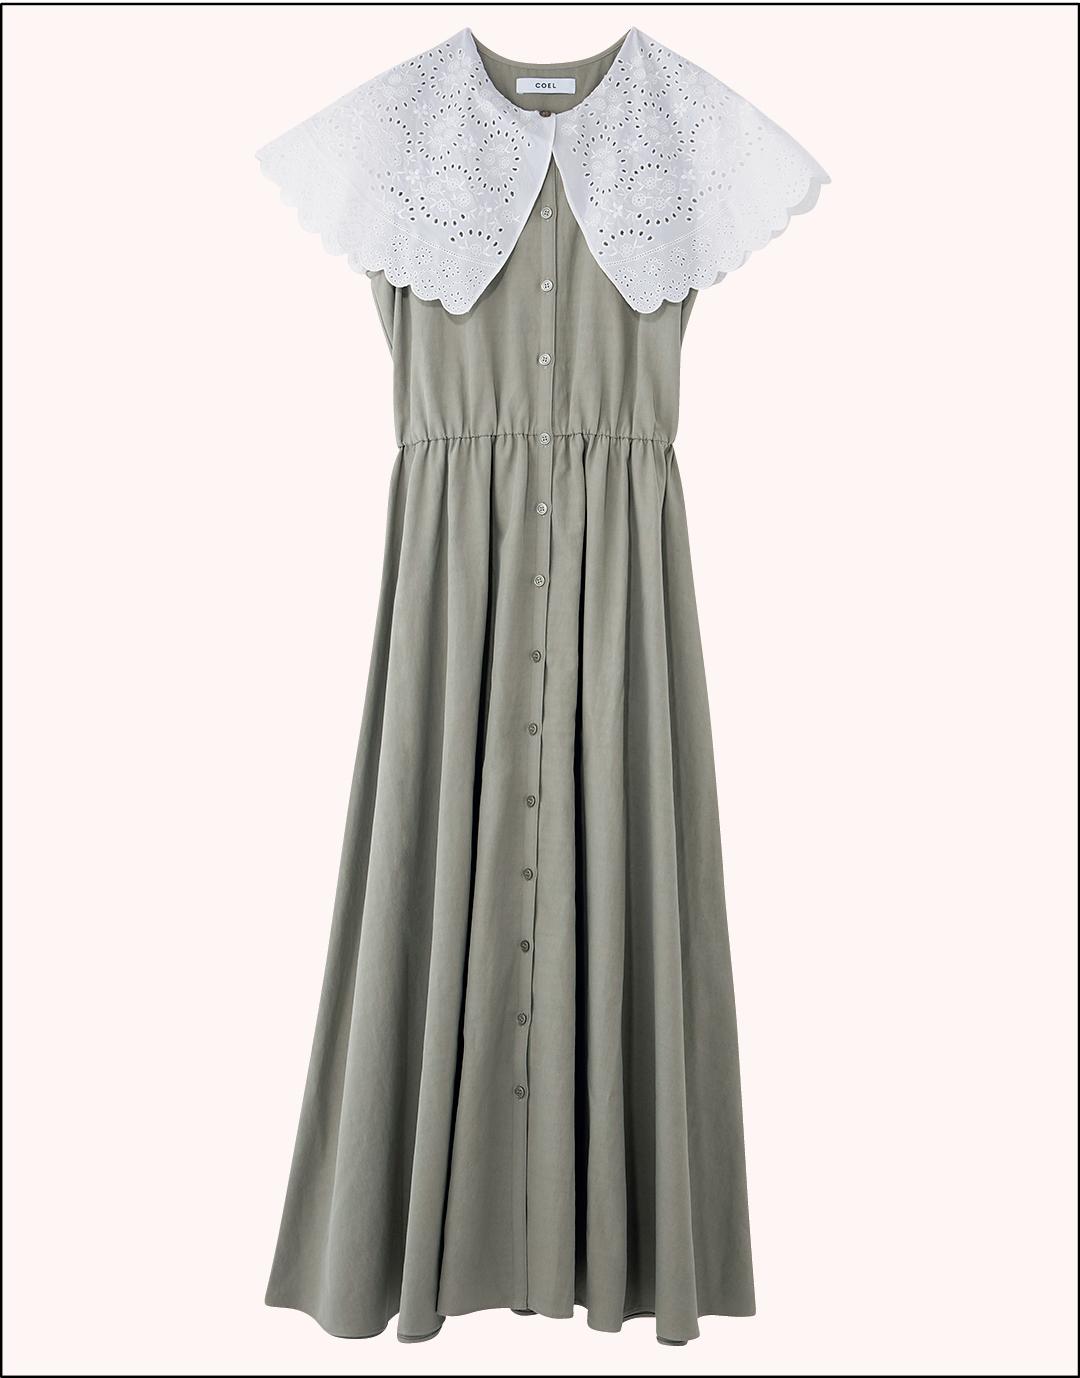 江野沢愛美の購入品 COEL 2WAY刺繍衿ワンピース